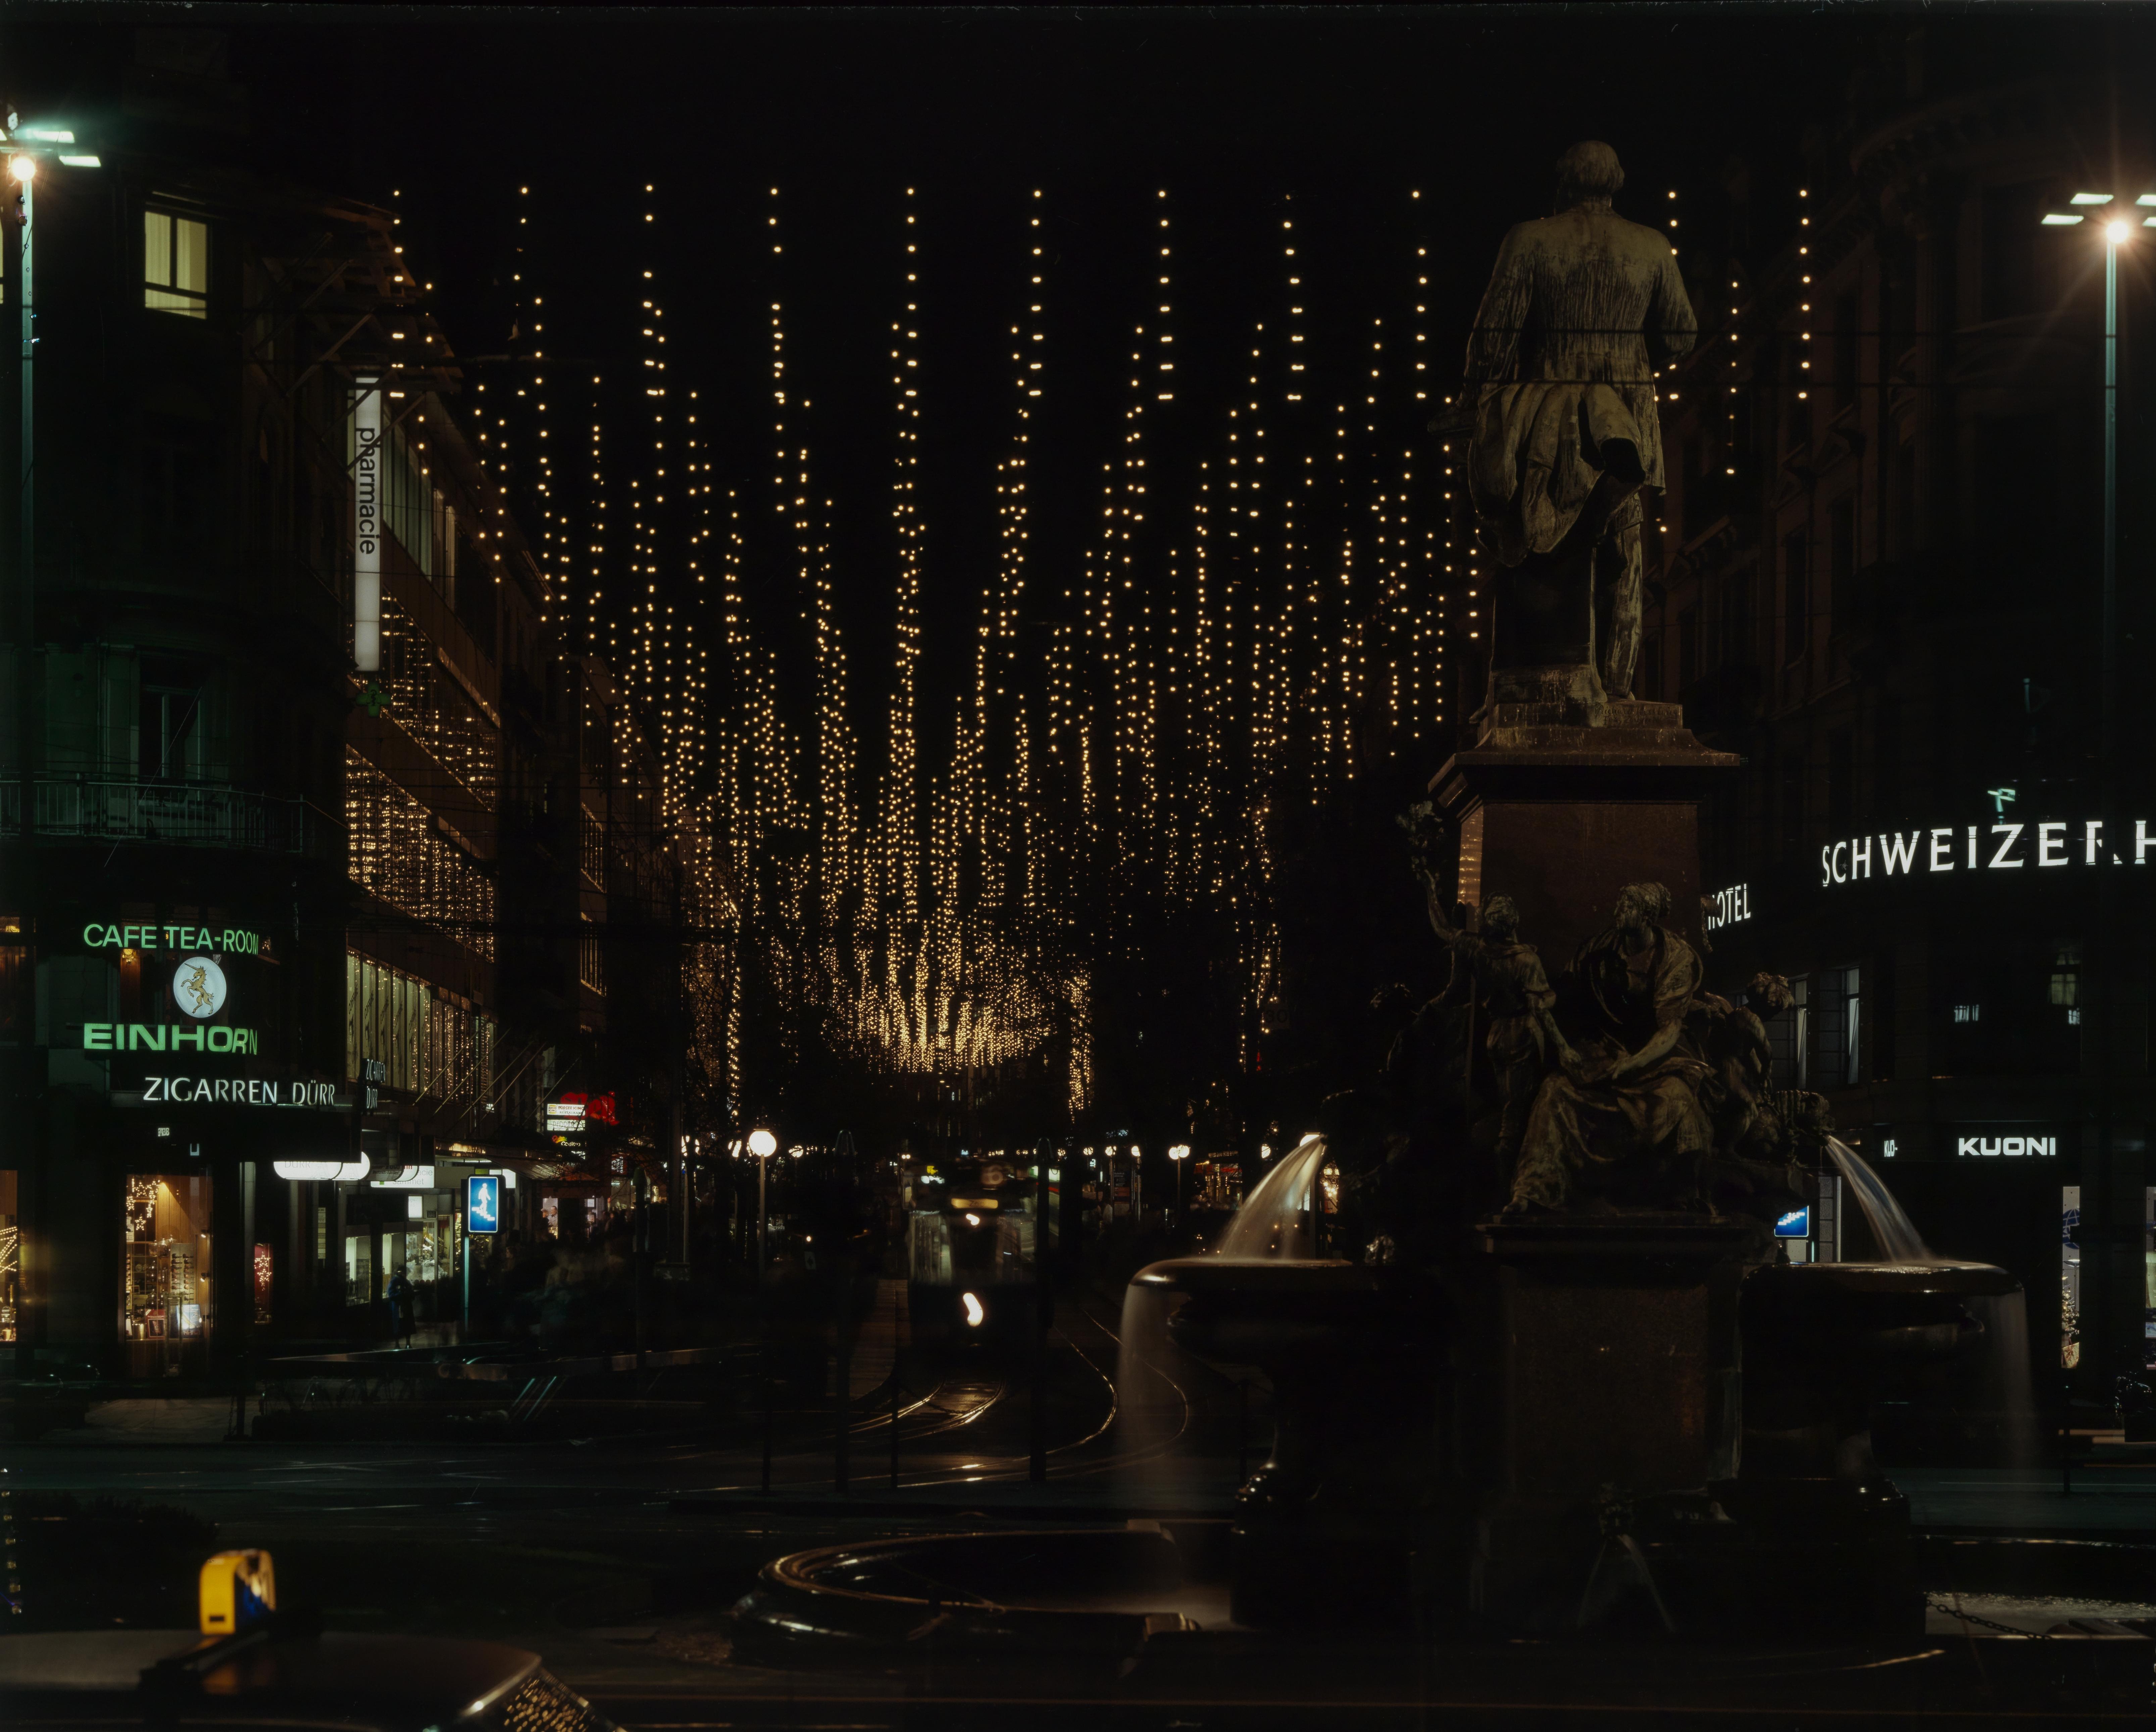 Zürich Weihnachtsbeleuchtung.File Zürich Bahnhofstrasse Weihnachtsbeleuchtung 1979 Jpg